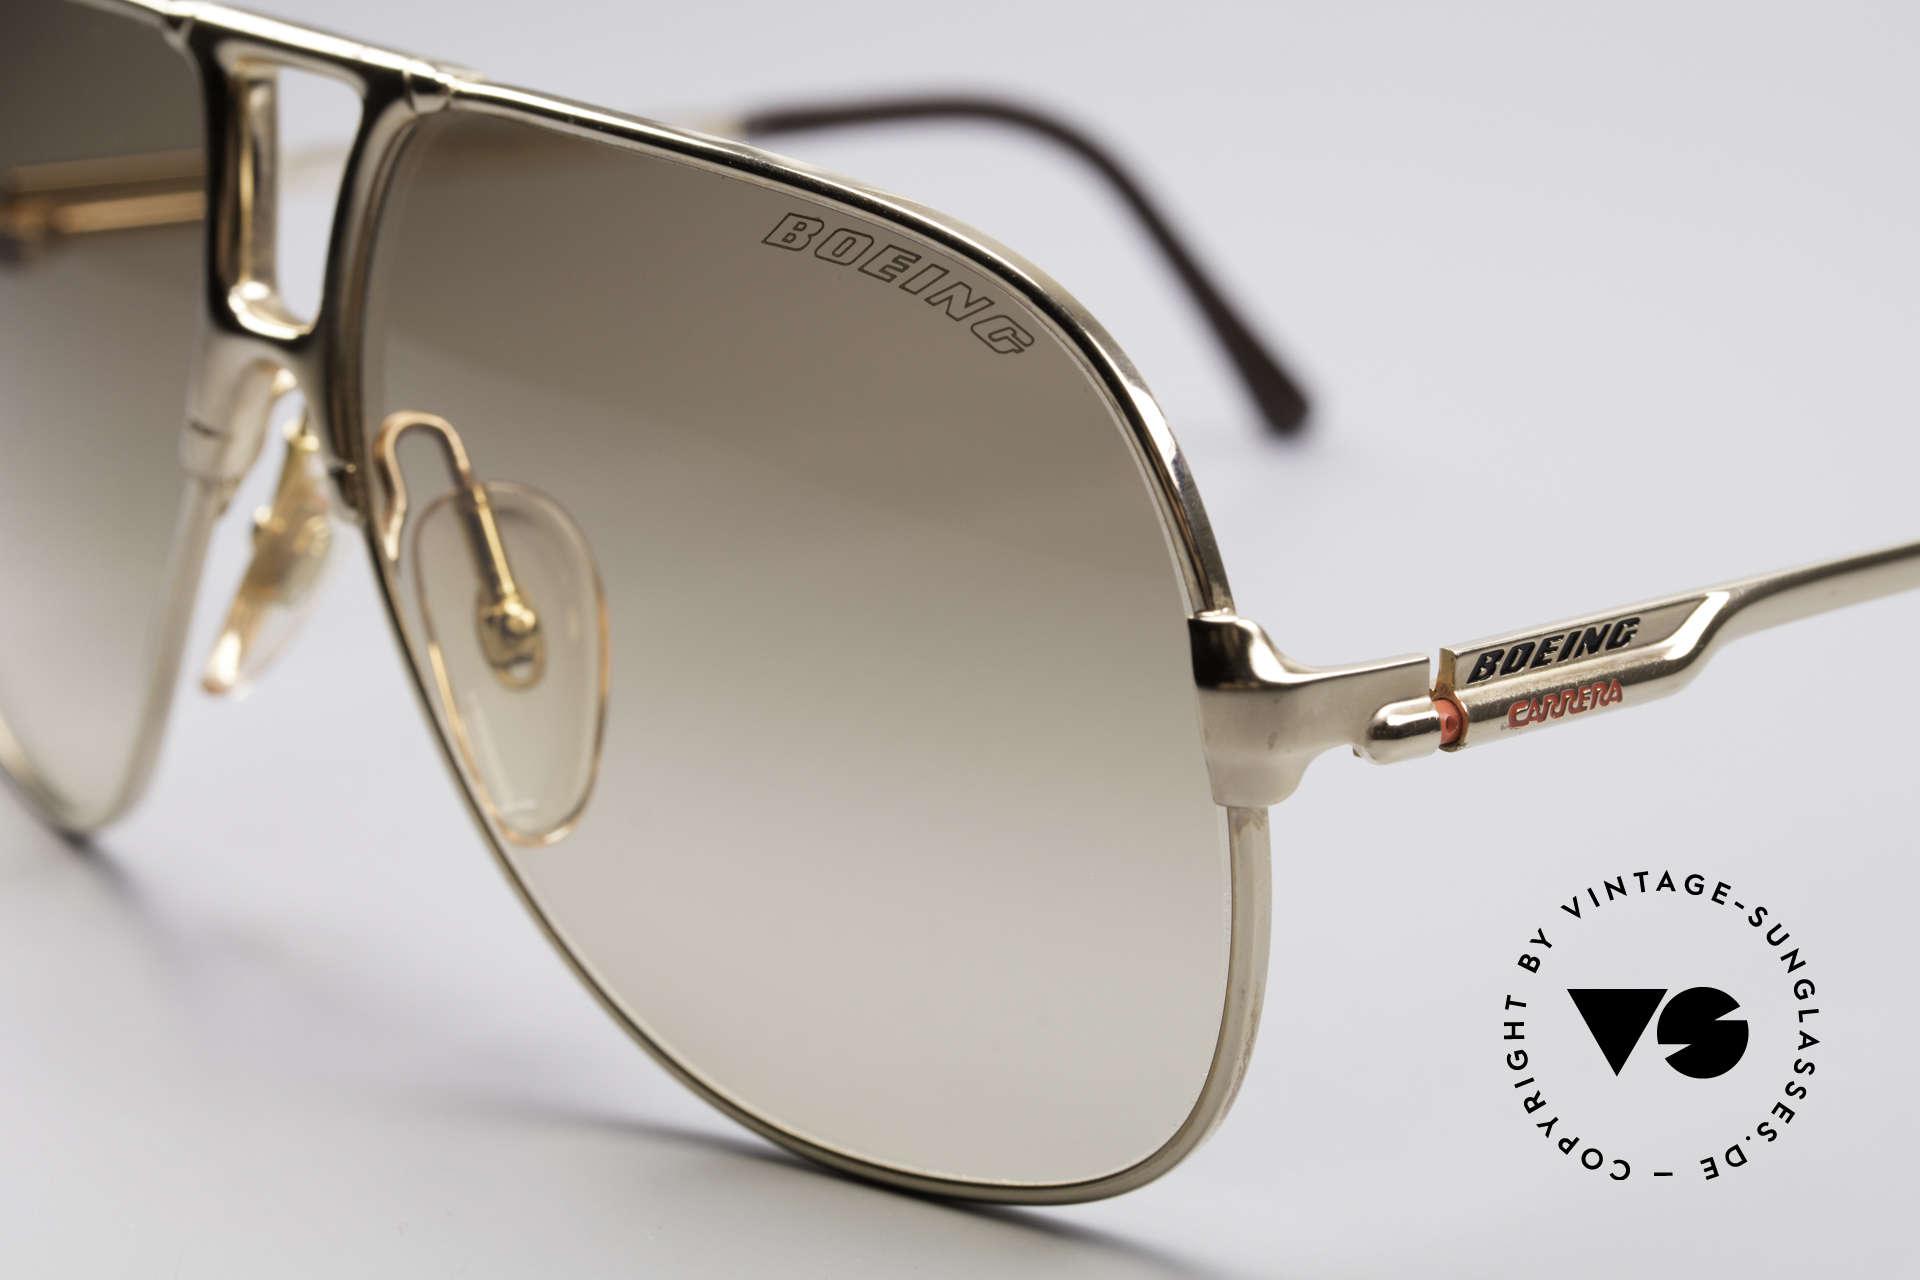 Boeing 5700 Berühmte 80er Piloten Brille, 60/12 Gr. 'small' in den 80ern = medium Gr. heute, Passend für Herren und Damen